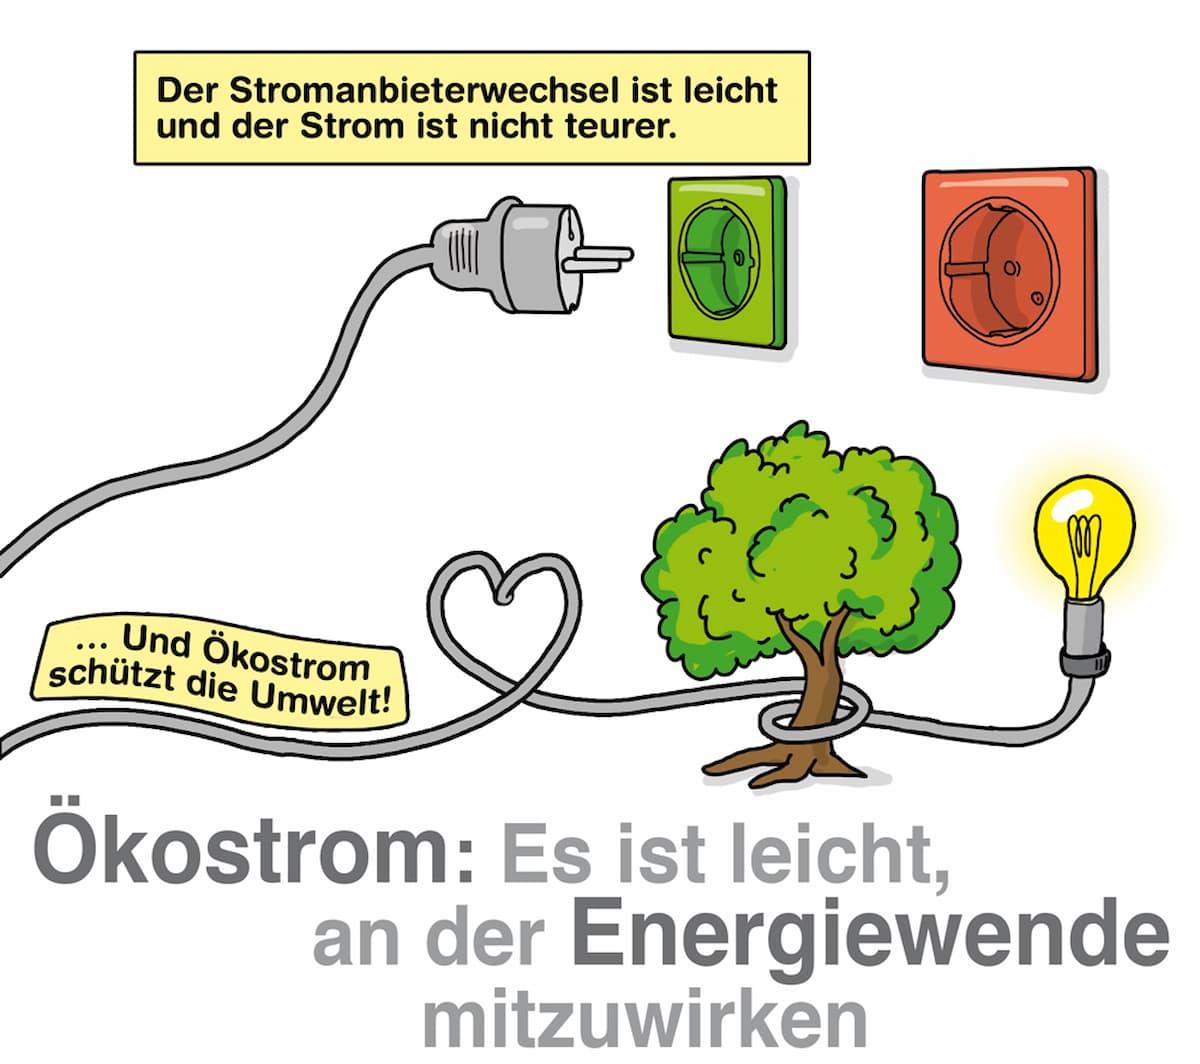 Ökostrom: Es ist leicht an der Energiewende mitzumachen